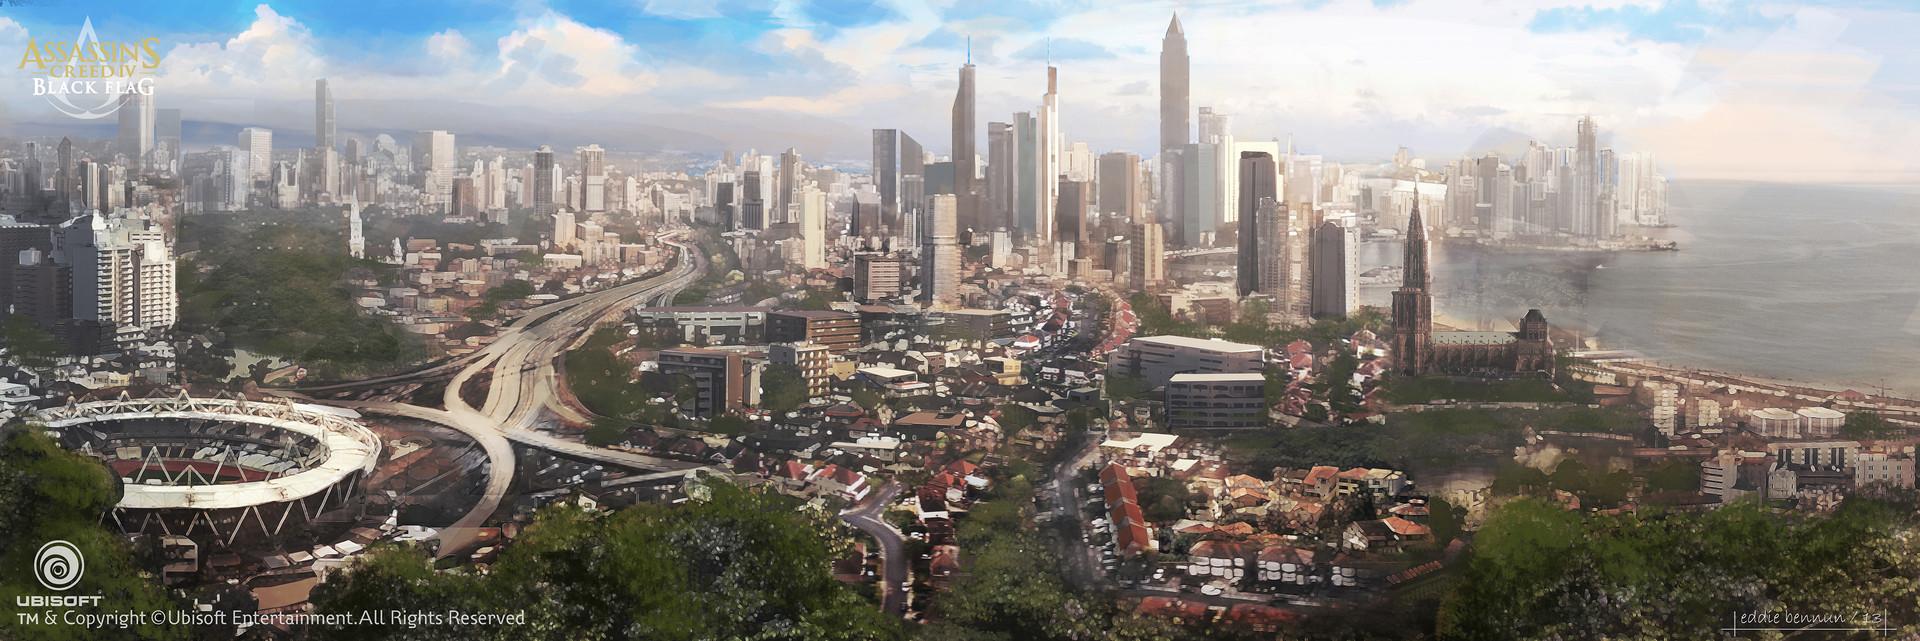 Eddie bennun acbf ev abstergo cityview version2 eddiebennun